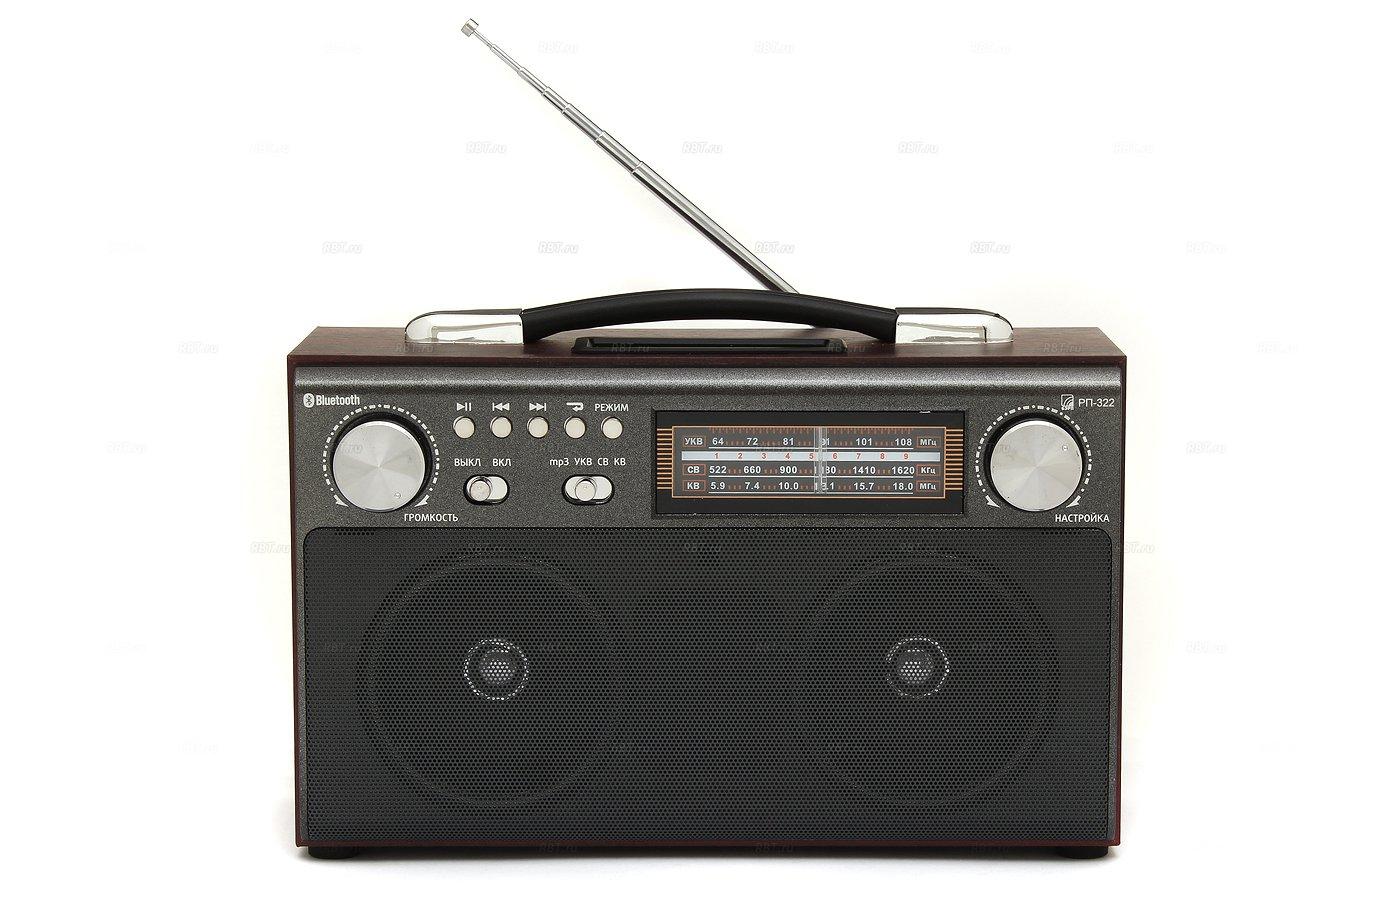 Радиоприемник БЗРП РП-322 Bluetooth